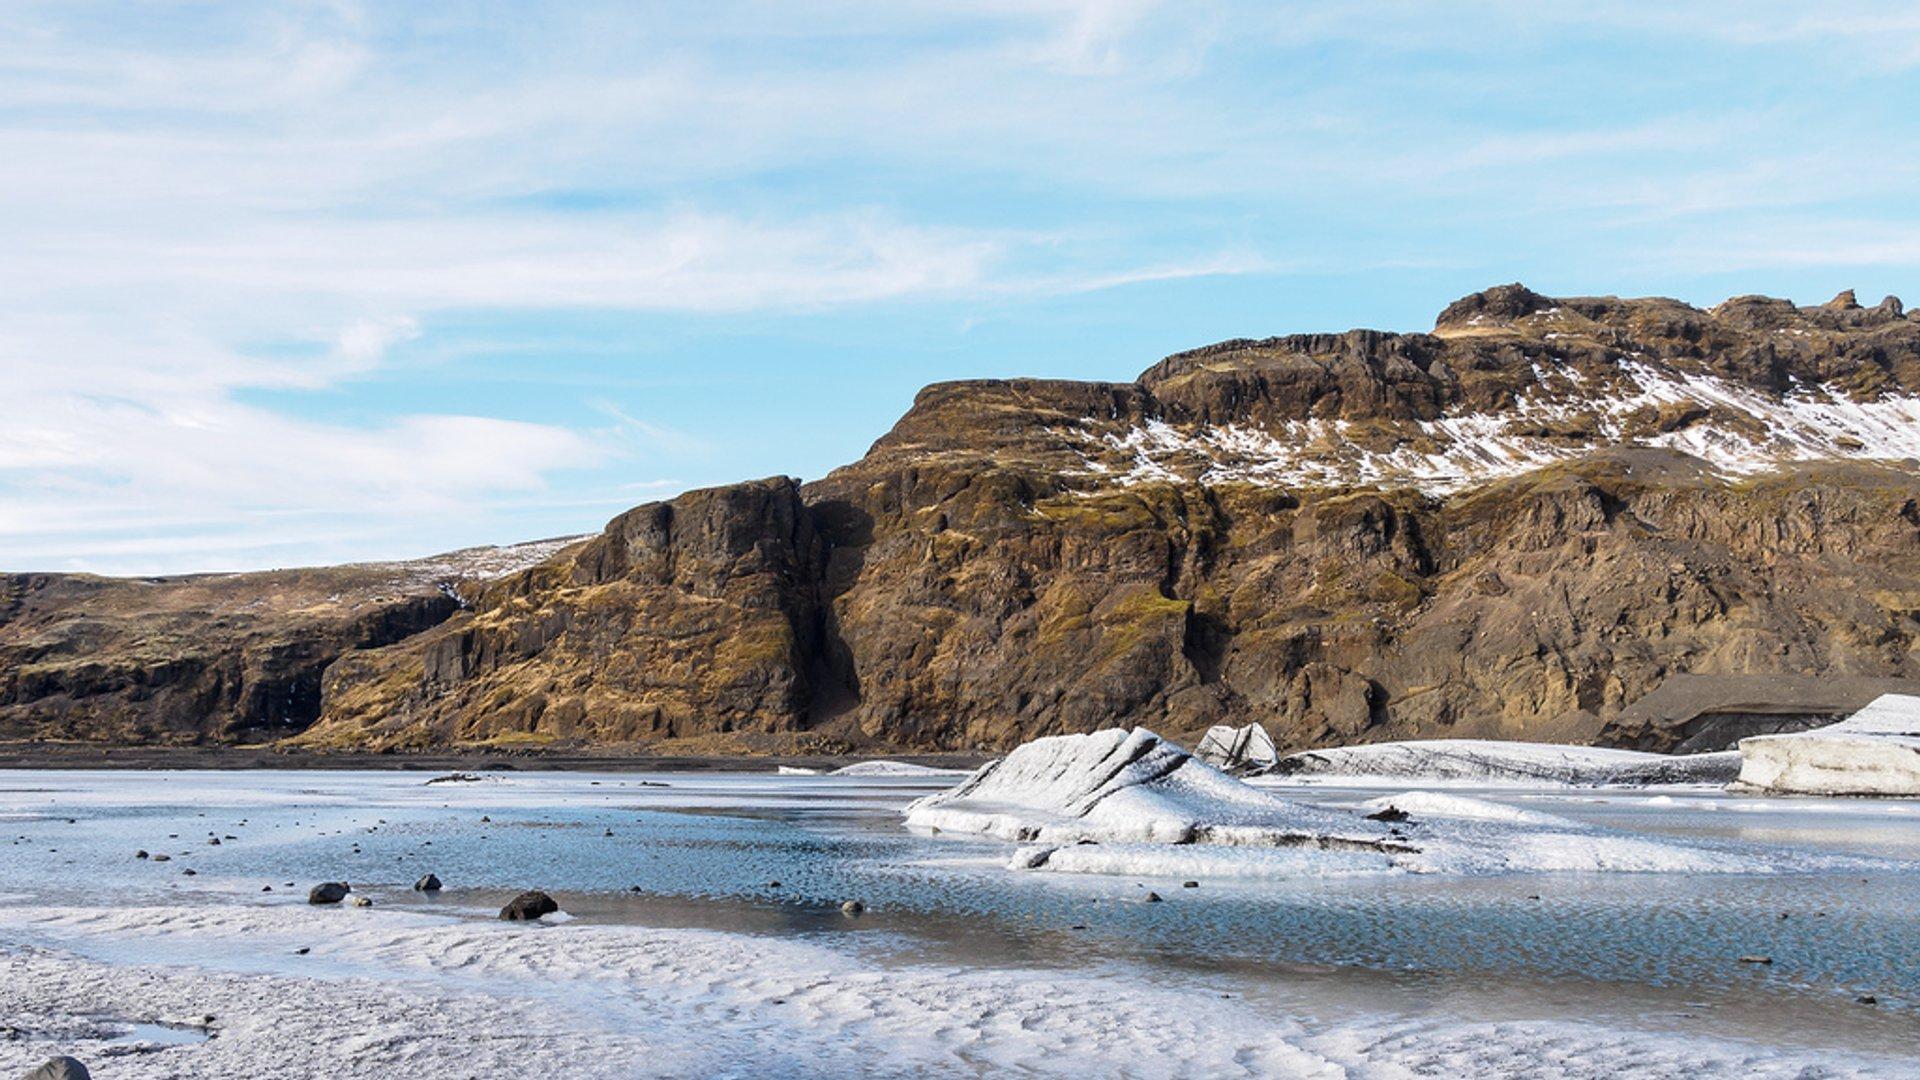 Sólheimajökull Glacier 2020